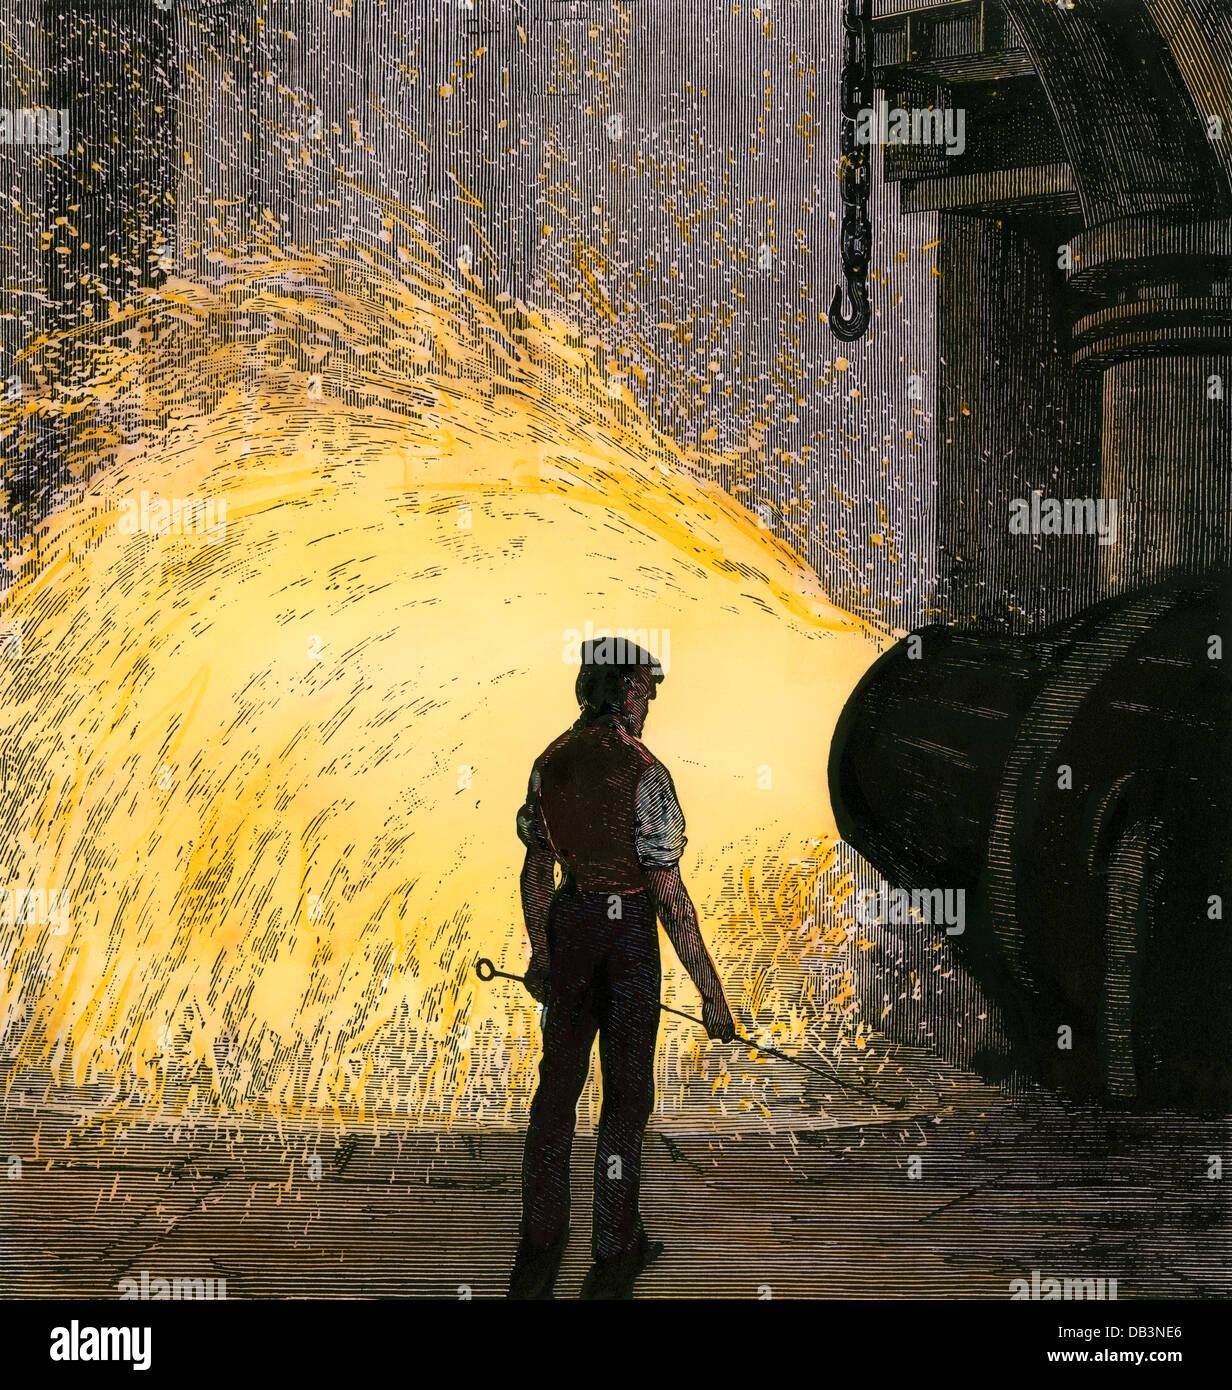 Acciaio-mill lavoratore supervisionare un acciaio Bessemer convertitore, 1800s. Colorate a mano la xilografia Immagini Stock